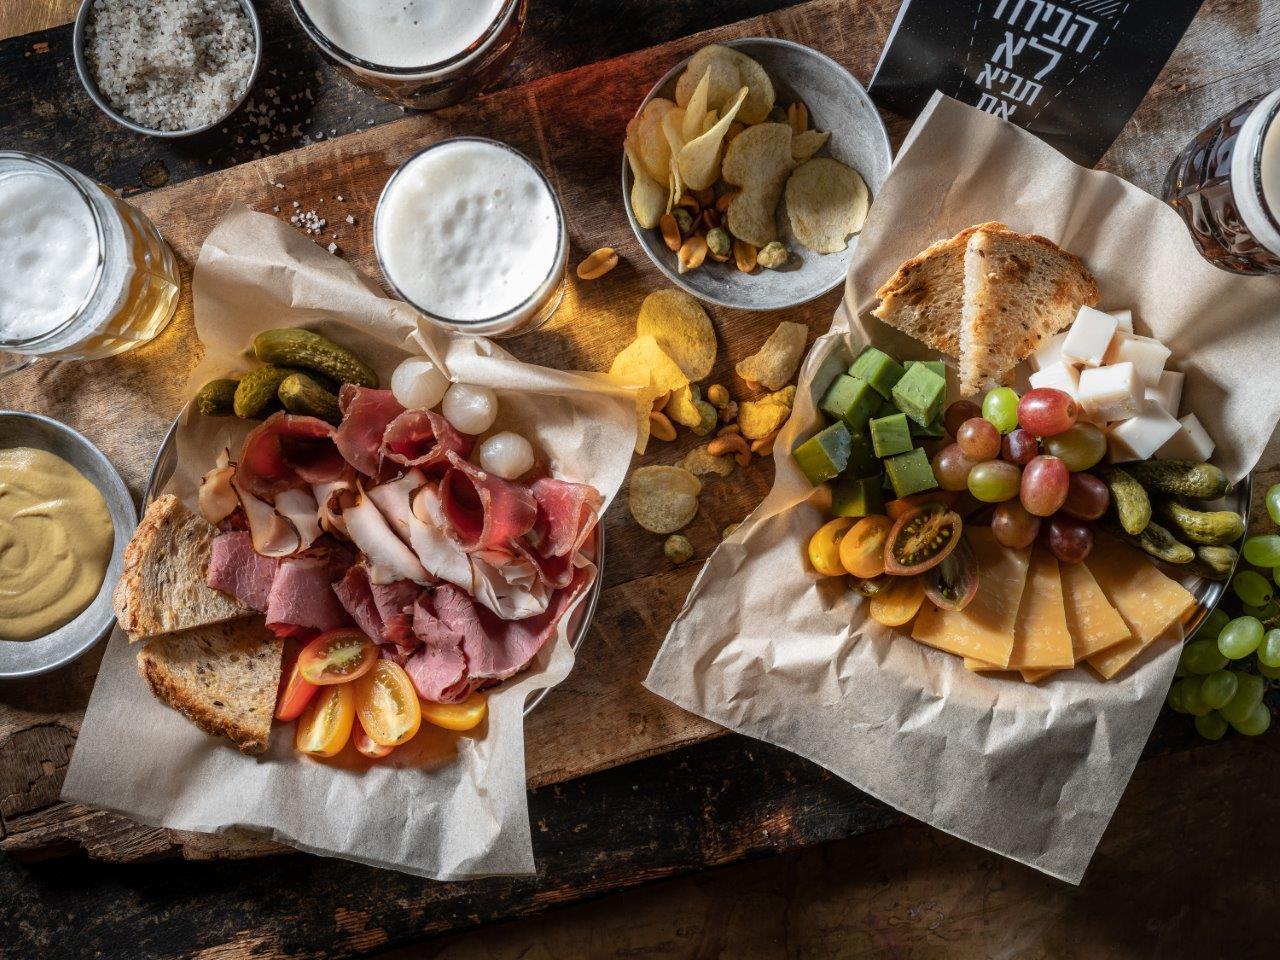 צלחת בשרים. צלחת גבינות - LAGER&ALE - קרדיט אנטולי מיכאלו